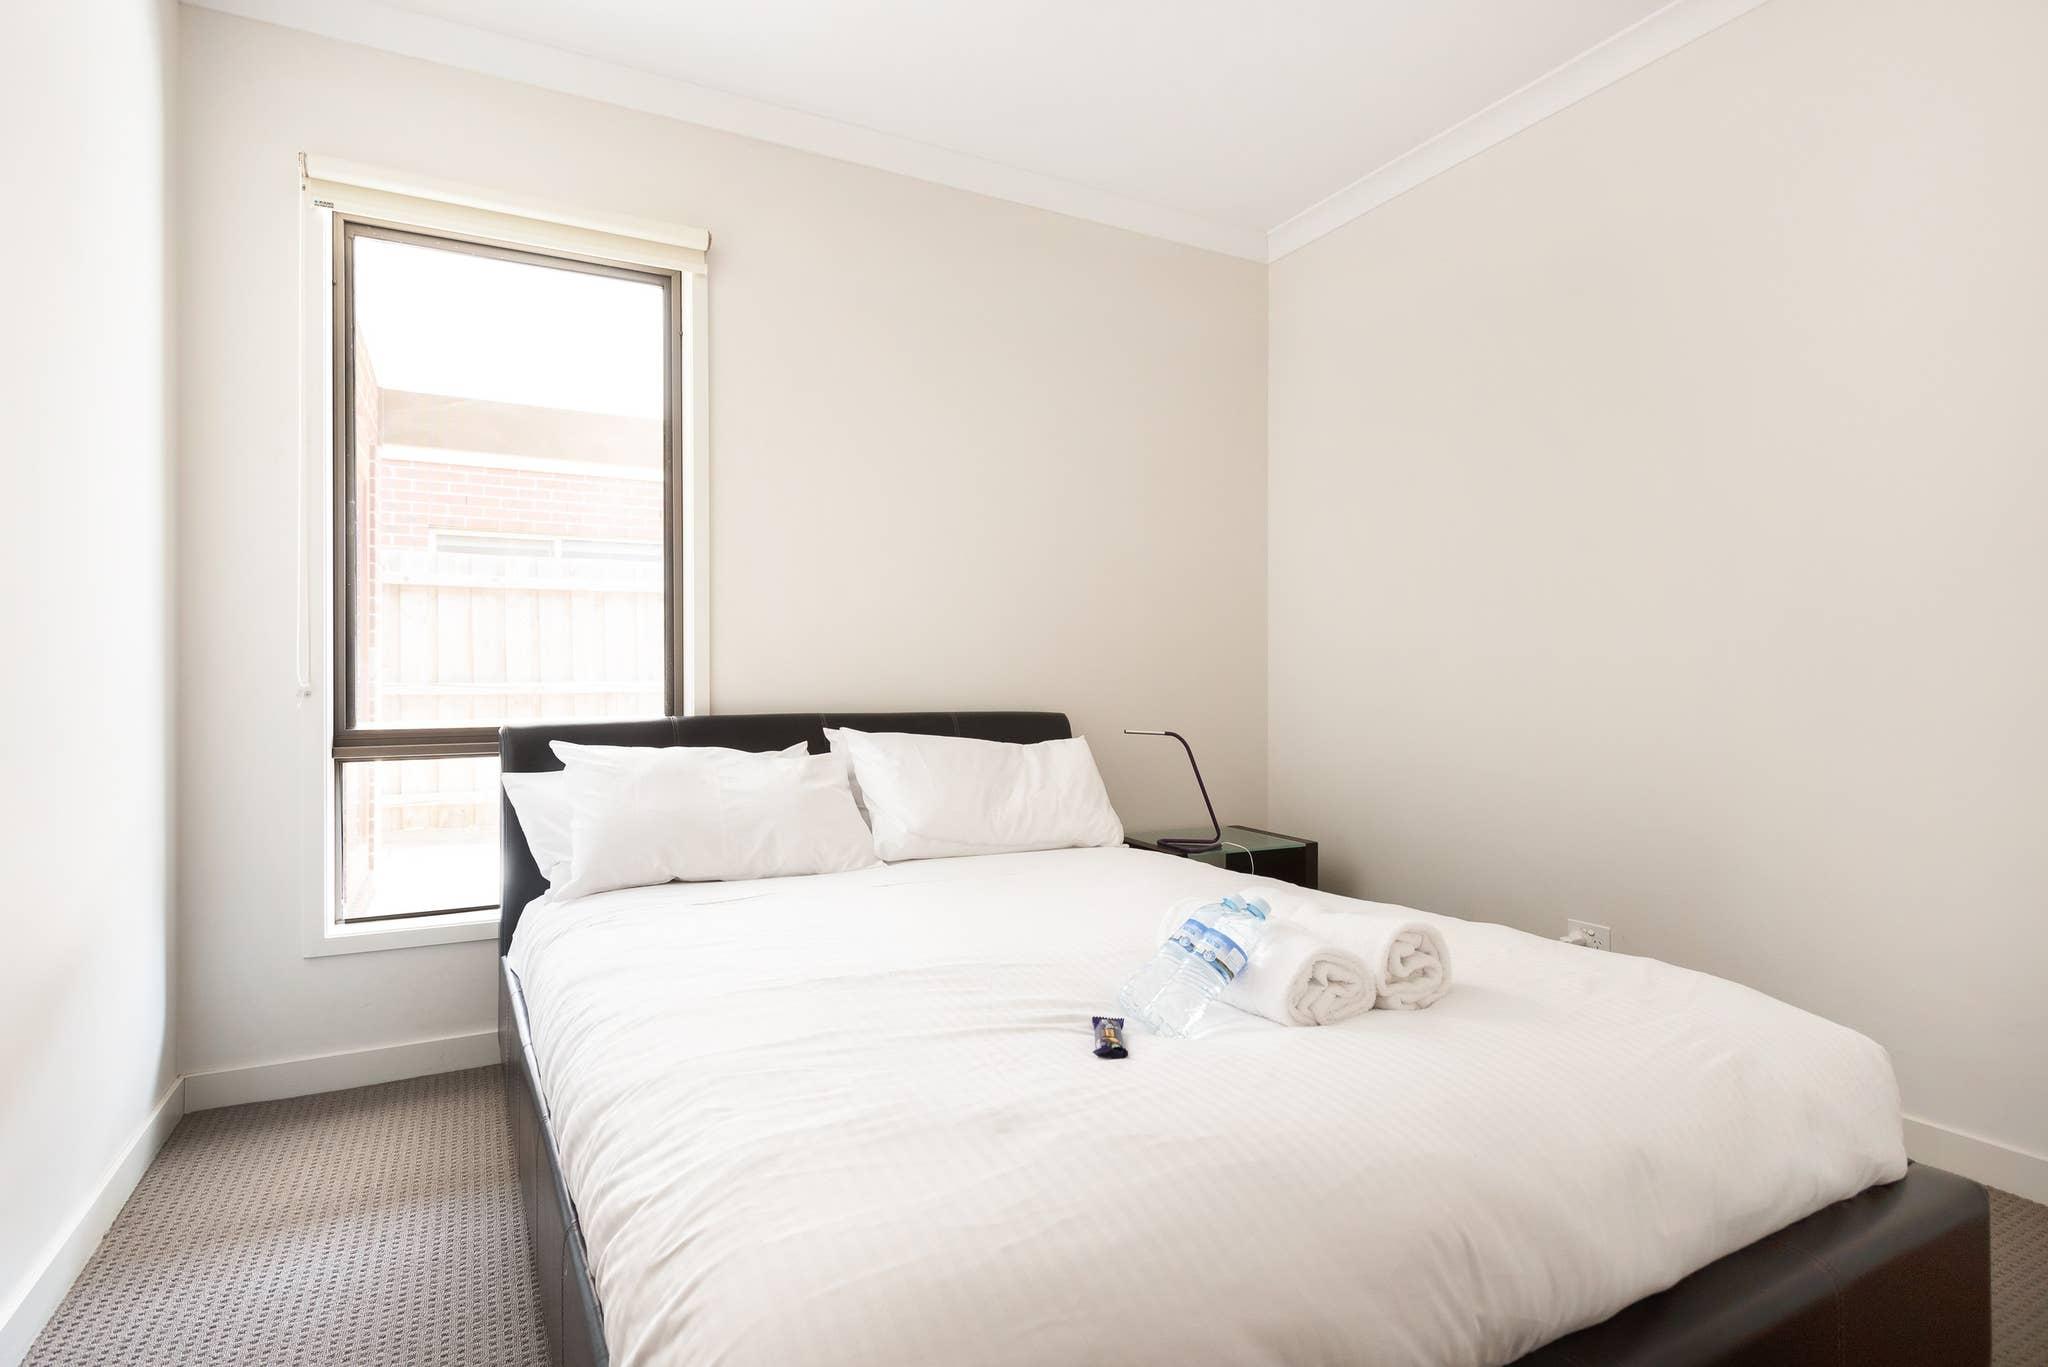 Ferienhaus 5br Luxushaus 20 Min bis Cbd Gerumiges Wohnen (2704199), Point Cook, , Victoria, Australien, Bild 18